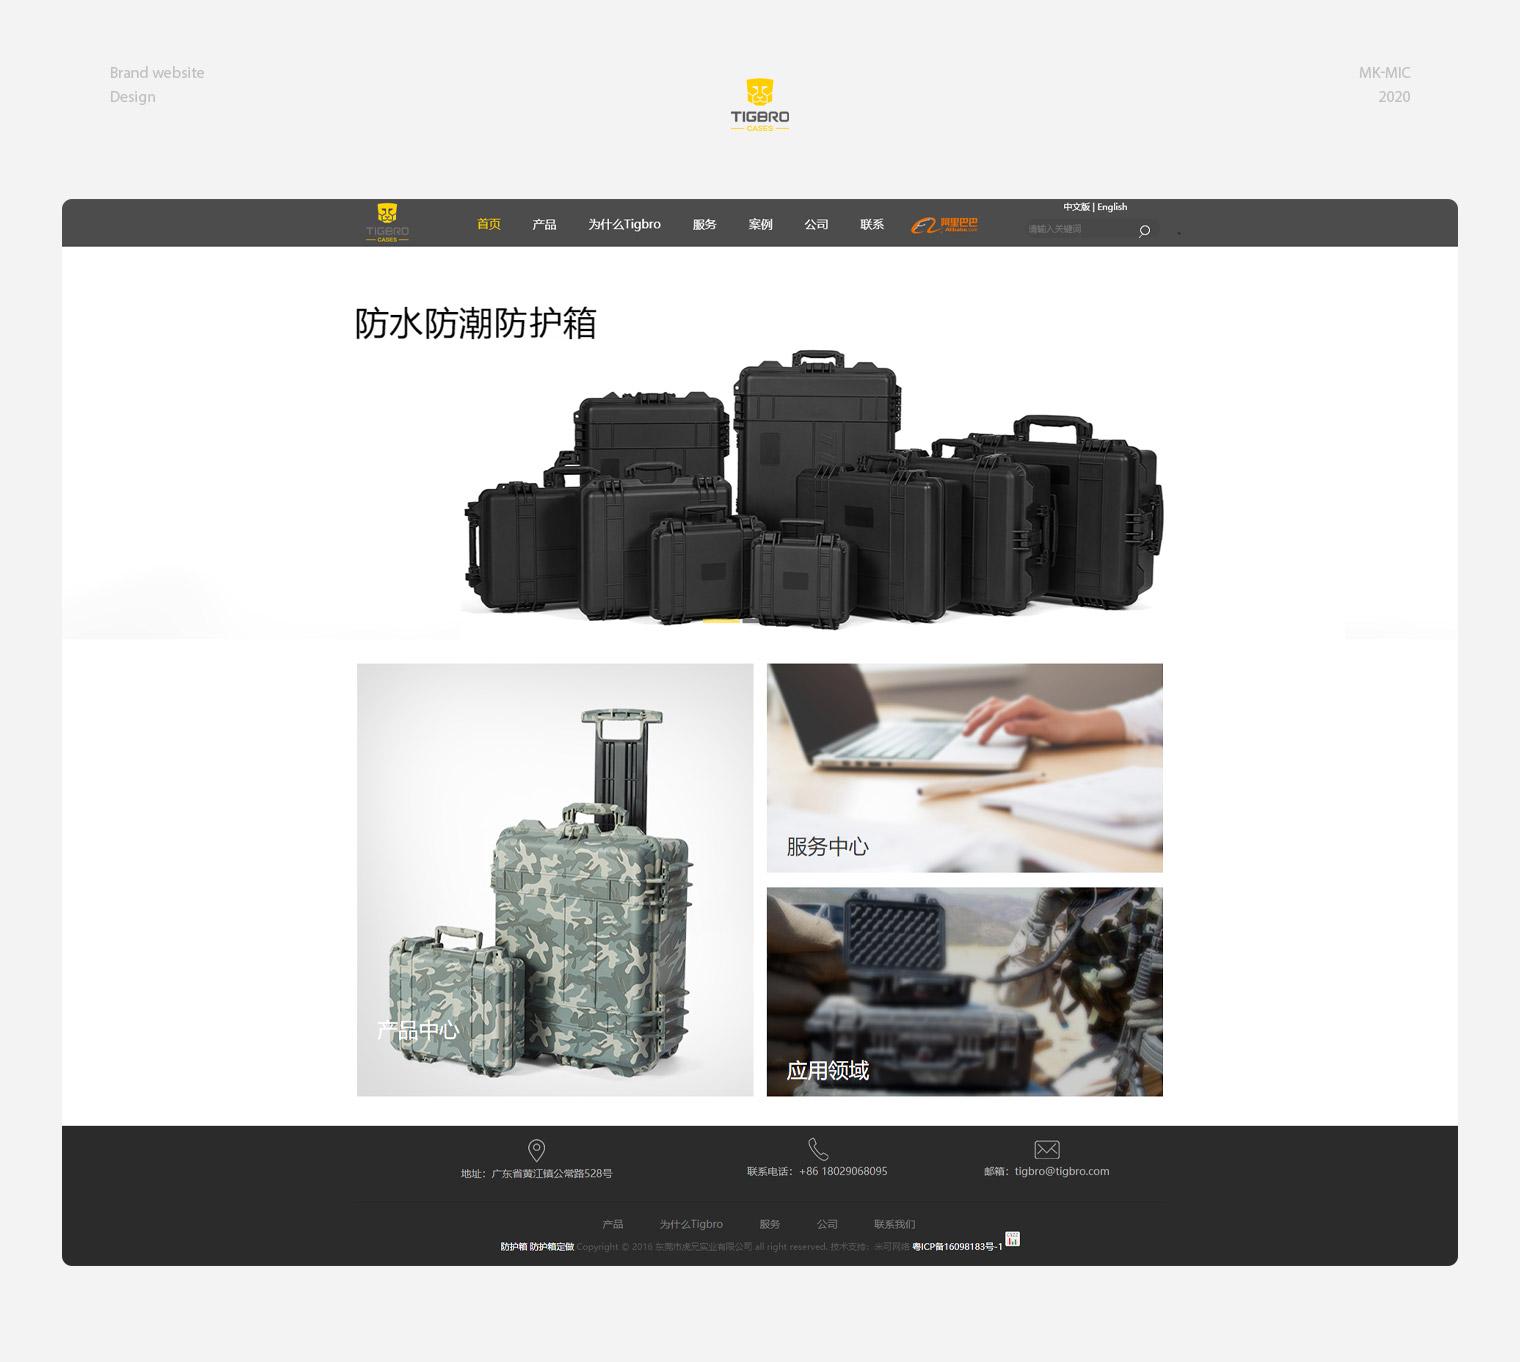 【虎兄实业】营销型网站建设